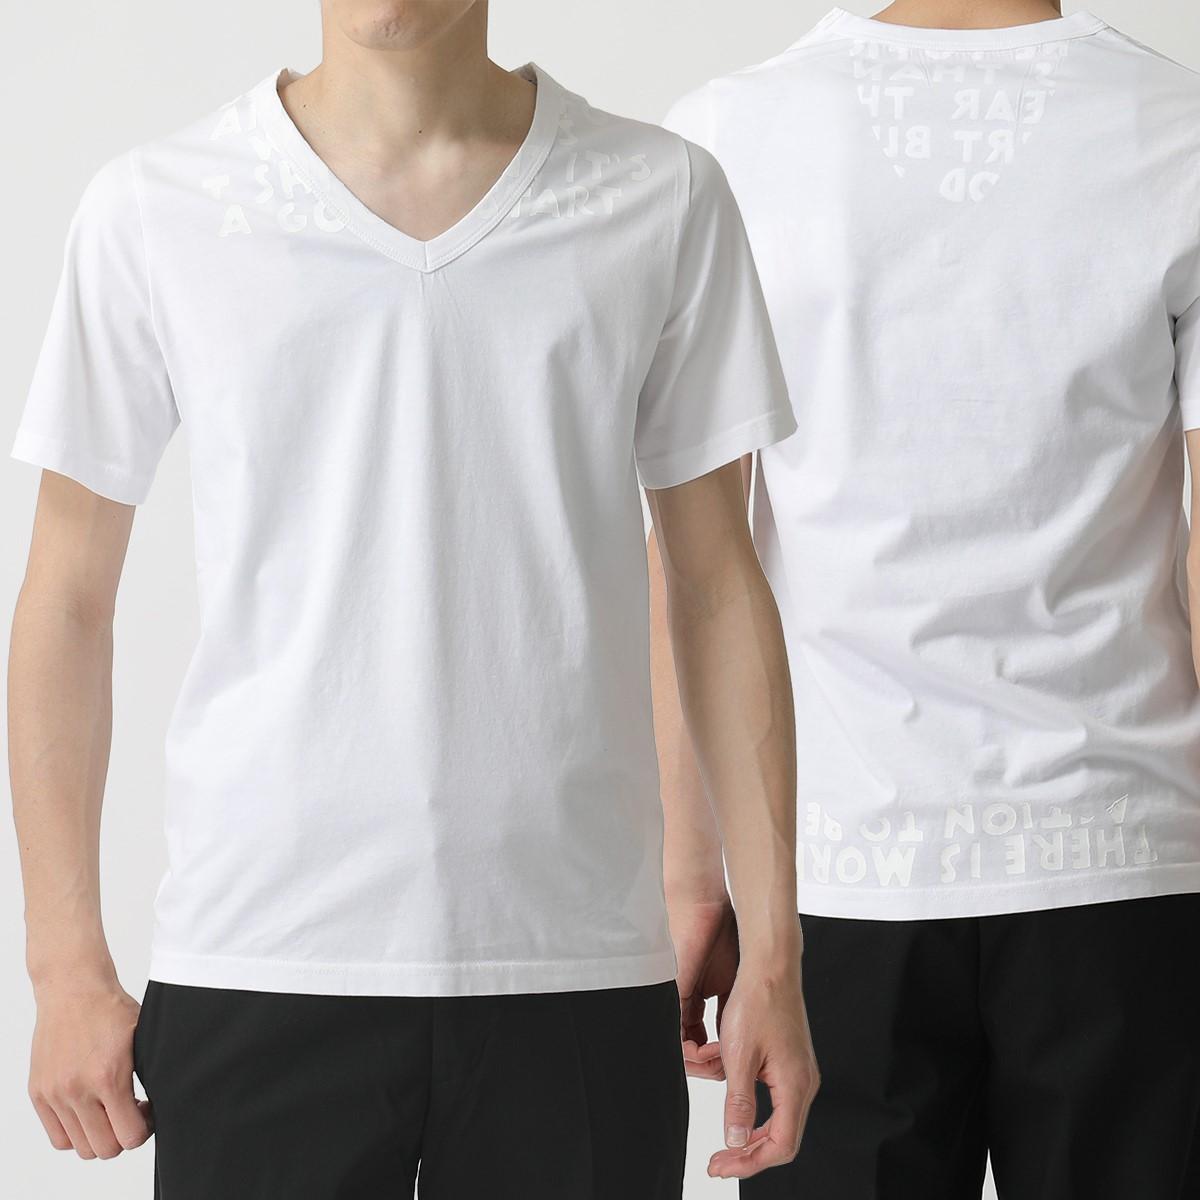 MAISON MARGIELA メゾンマルジェラ S30GJ0007 S20299 AIDS Charity エイズT チャリティ Vネック 半袖 Tシャツ カットソー 971 メンズ